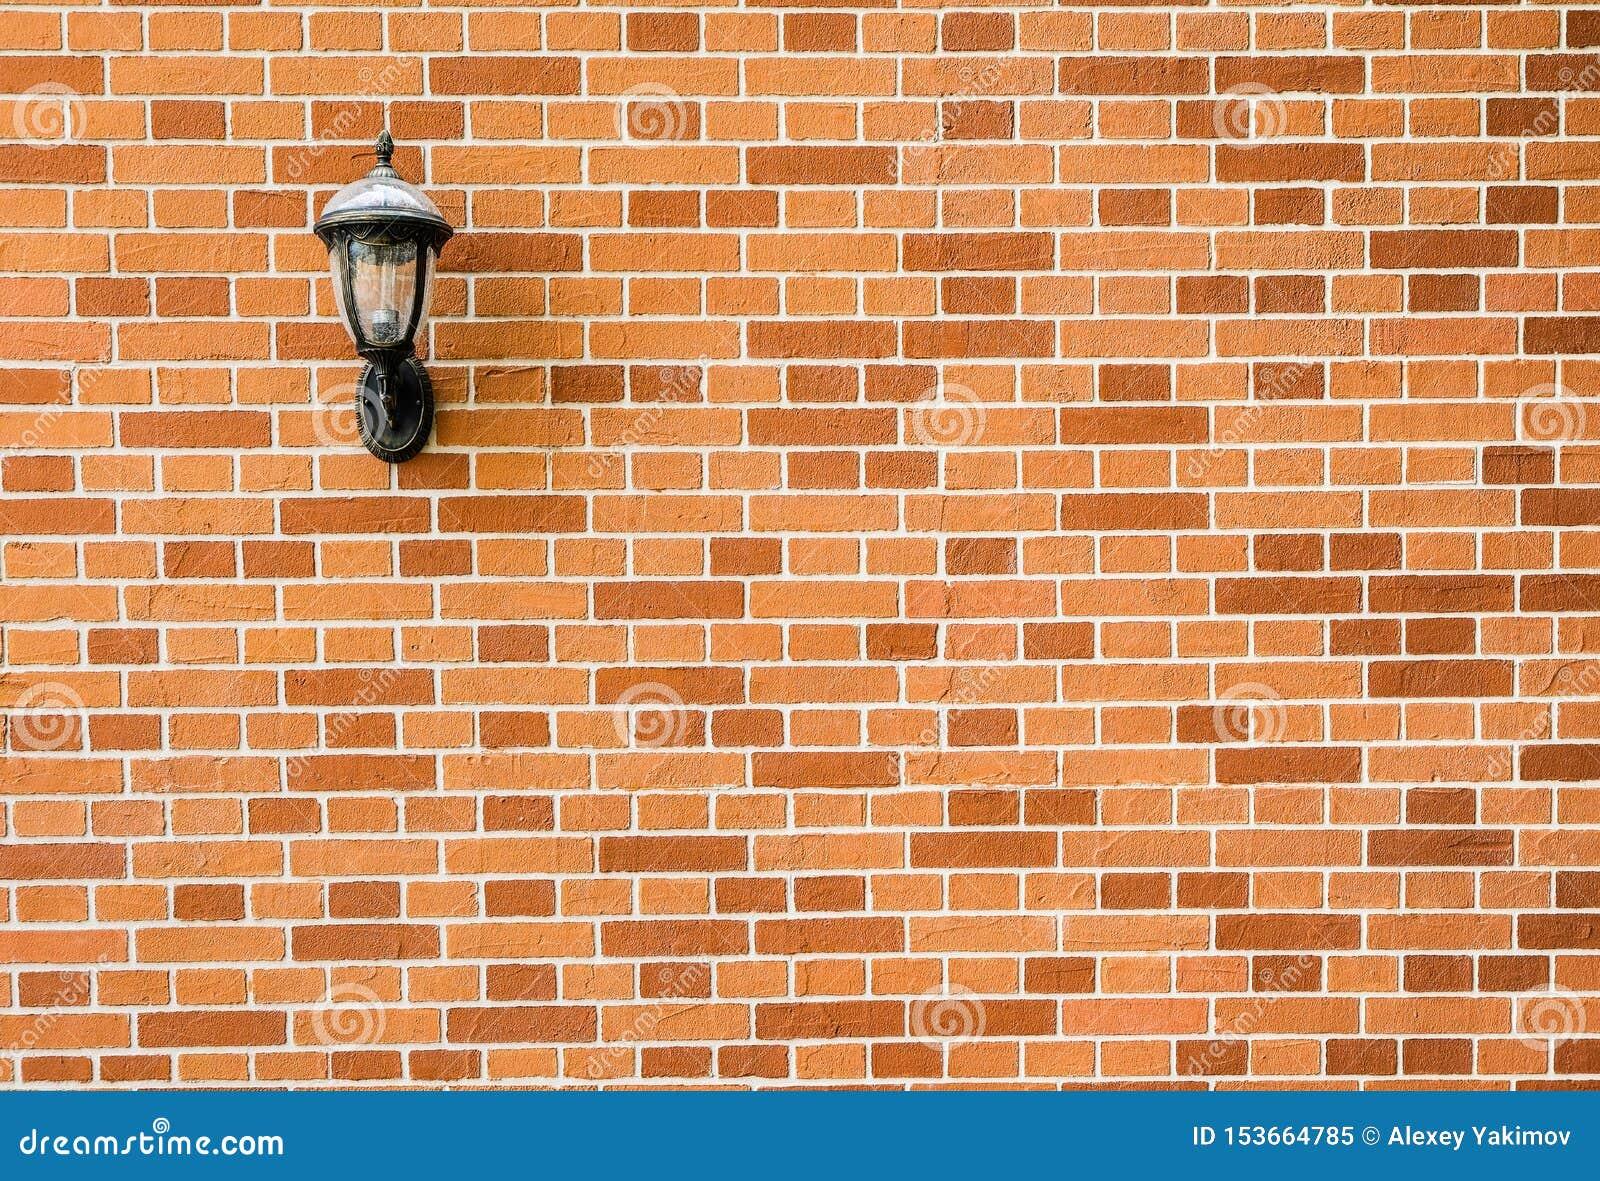 Lâmpada de parede do vintage em uma parede de tijolo decorativa vermelho-alaranjada e marrom